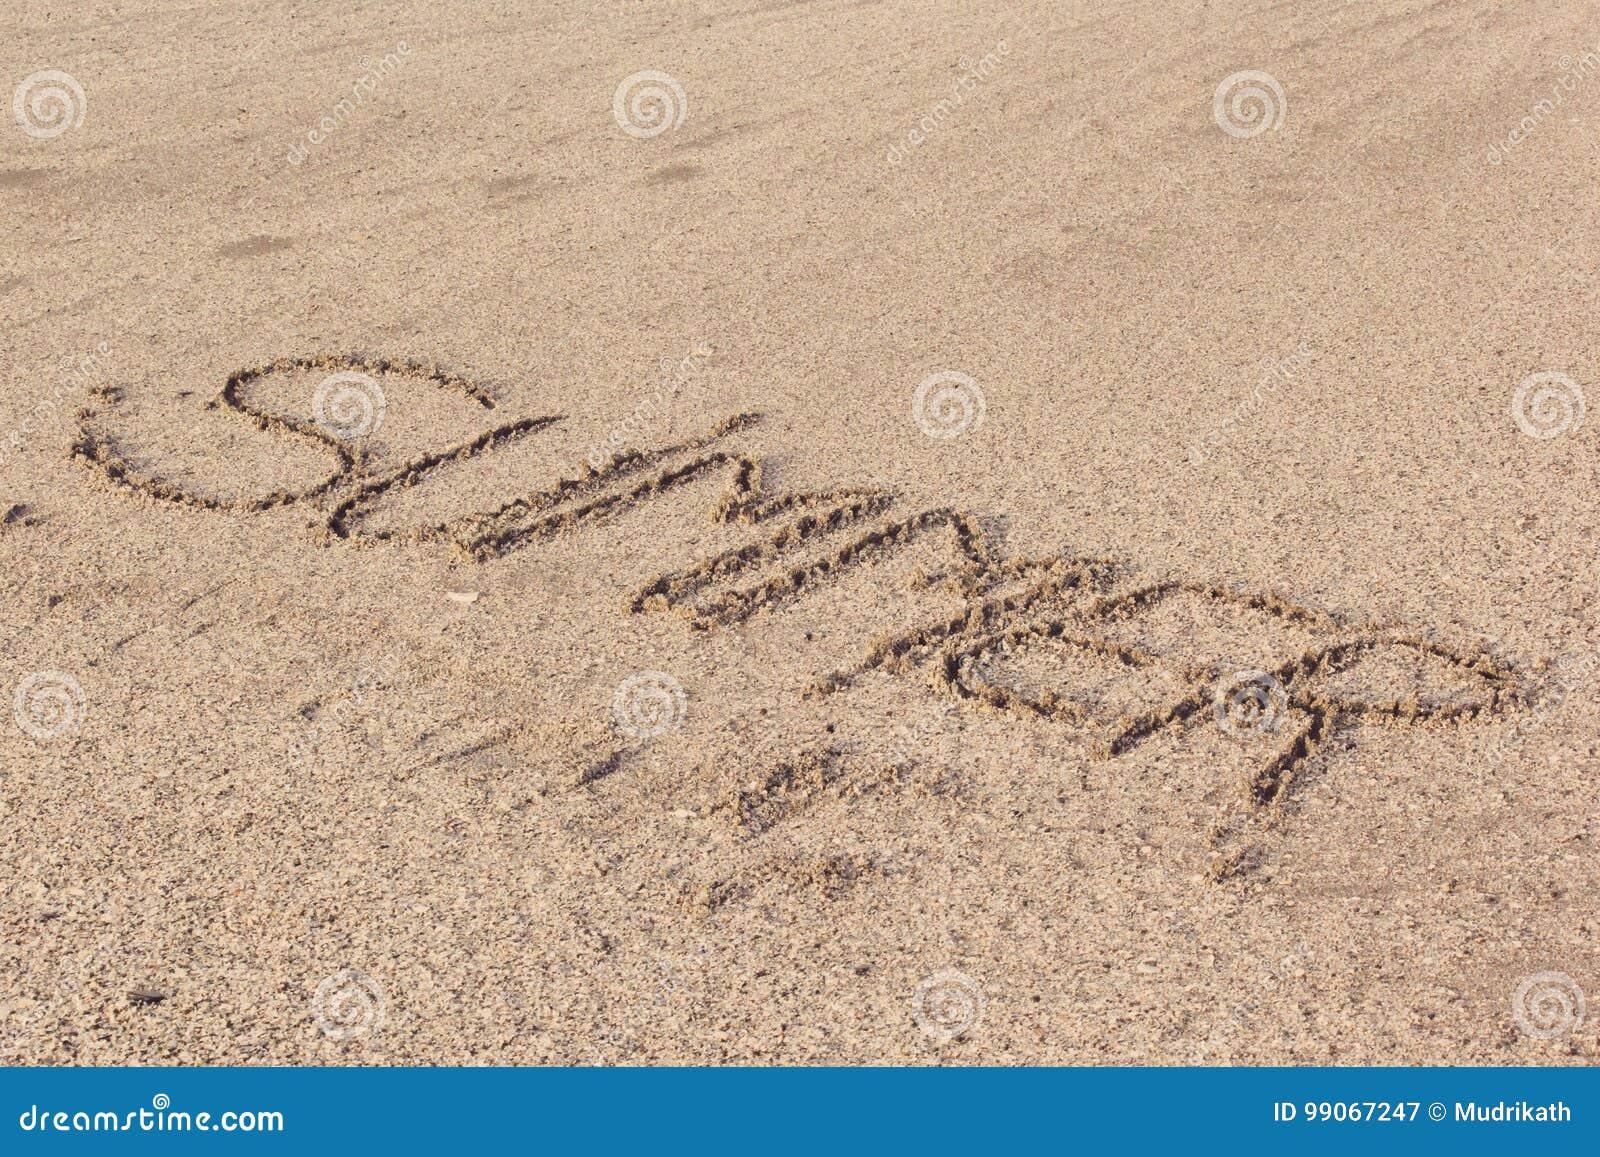 Lato pisać w miękka część mokrym piasku na plaży, Dubai-1 Wrzesień 2017